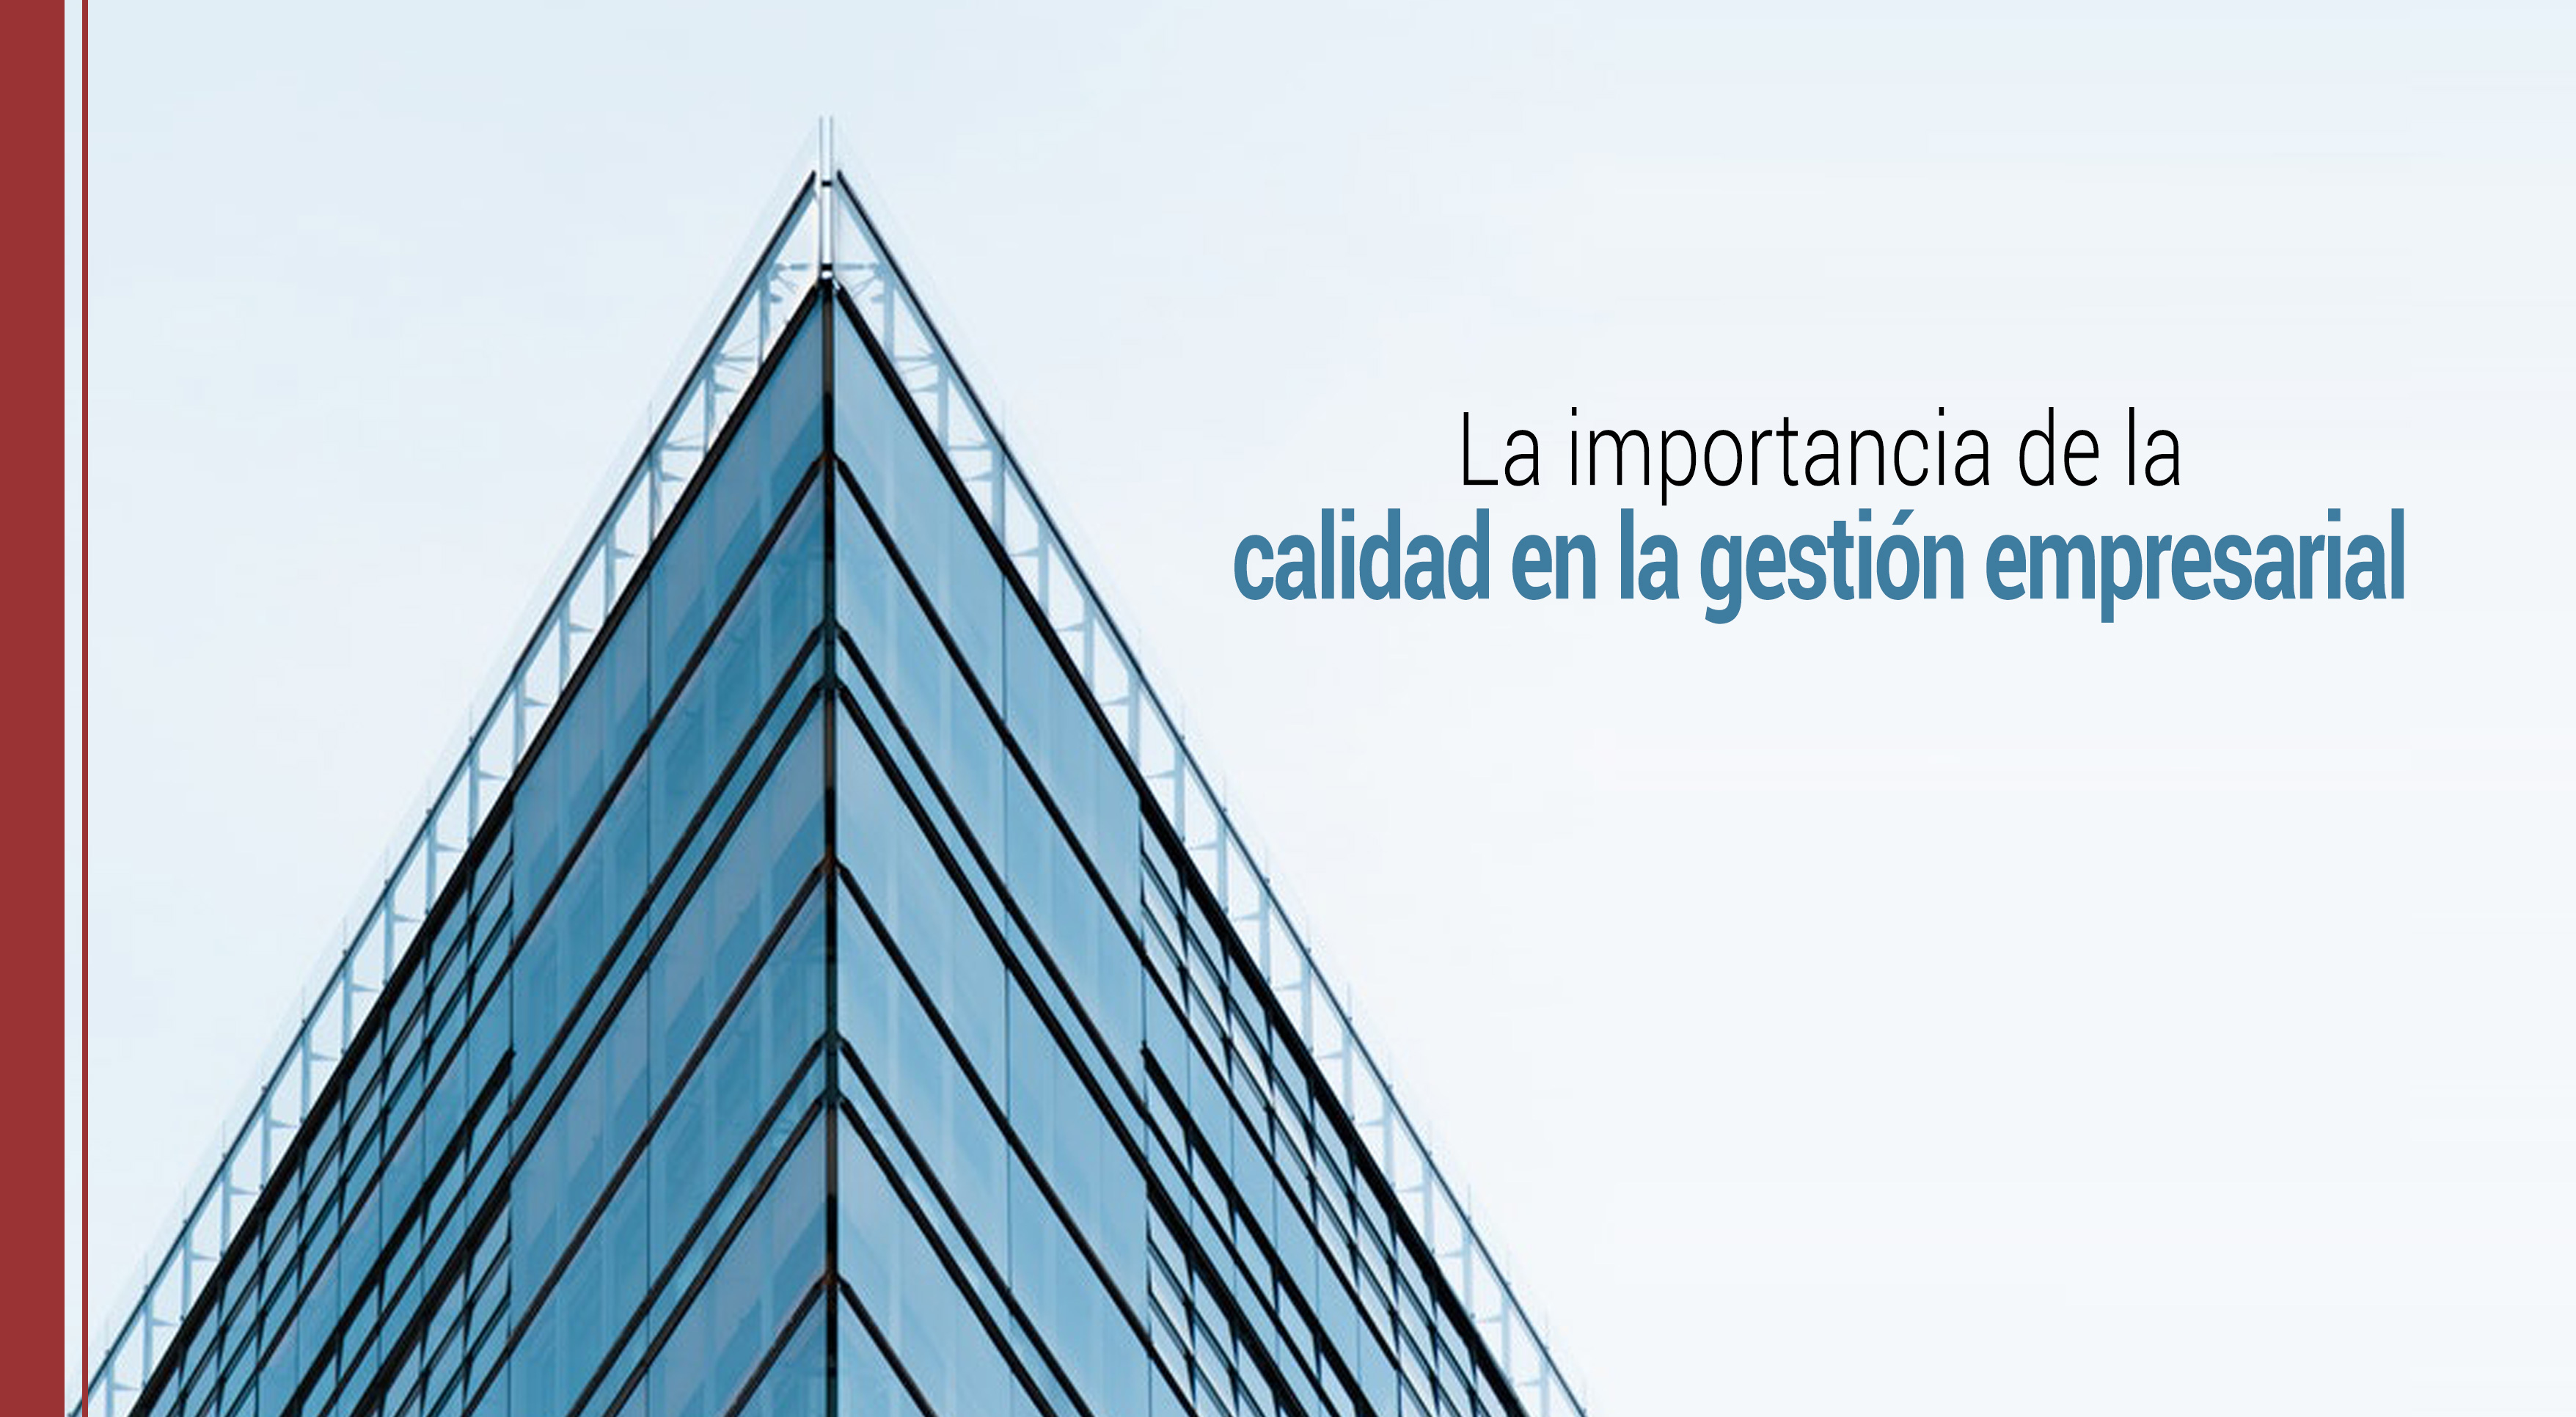 importancia-calidad-gestion-empresarial Qué importancia tiene la calidad en la gestión empresarial